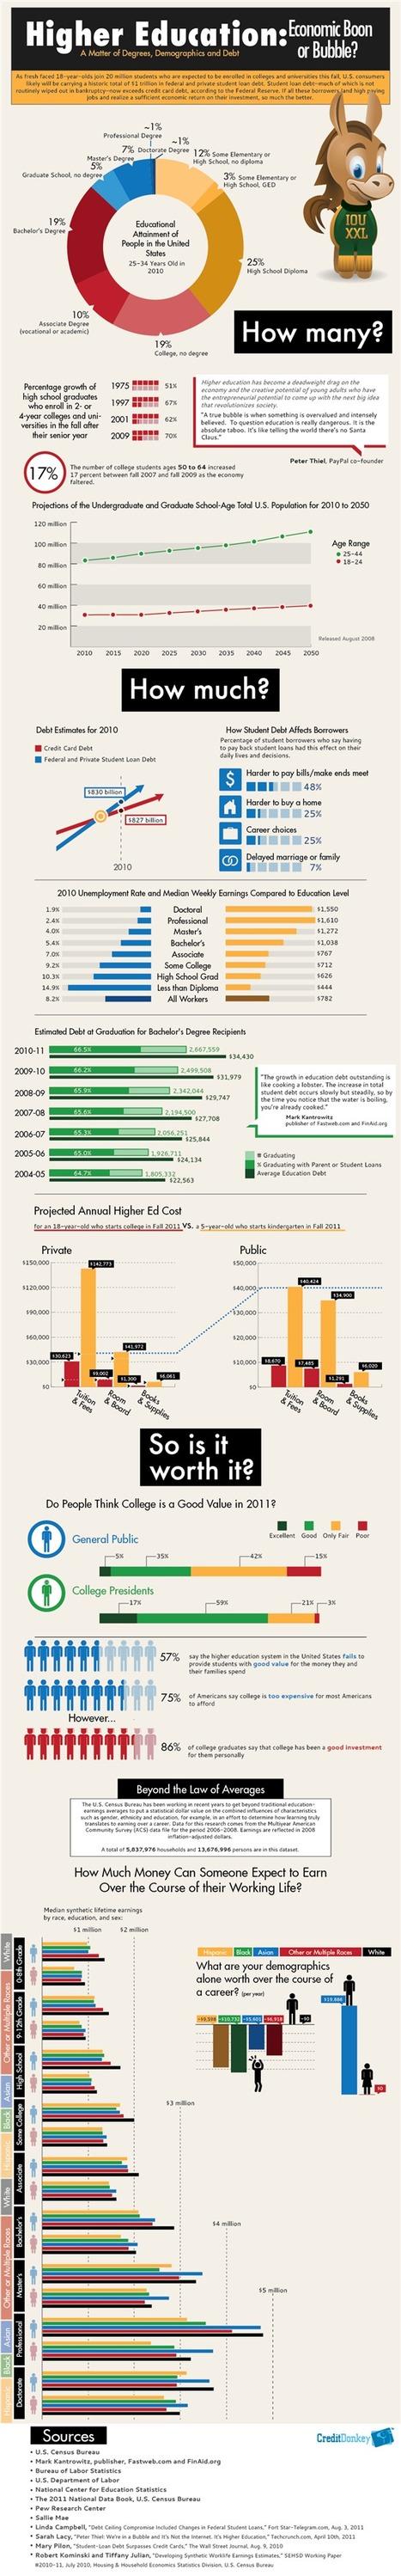 La educación superior ¿Es un boom o una burbuja? #infografia #infographic#education | Educación a Distancia y TIC | Scoop.it